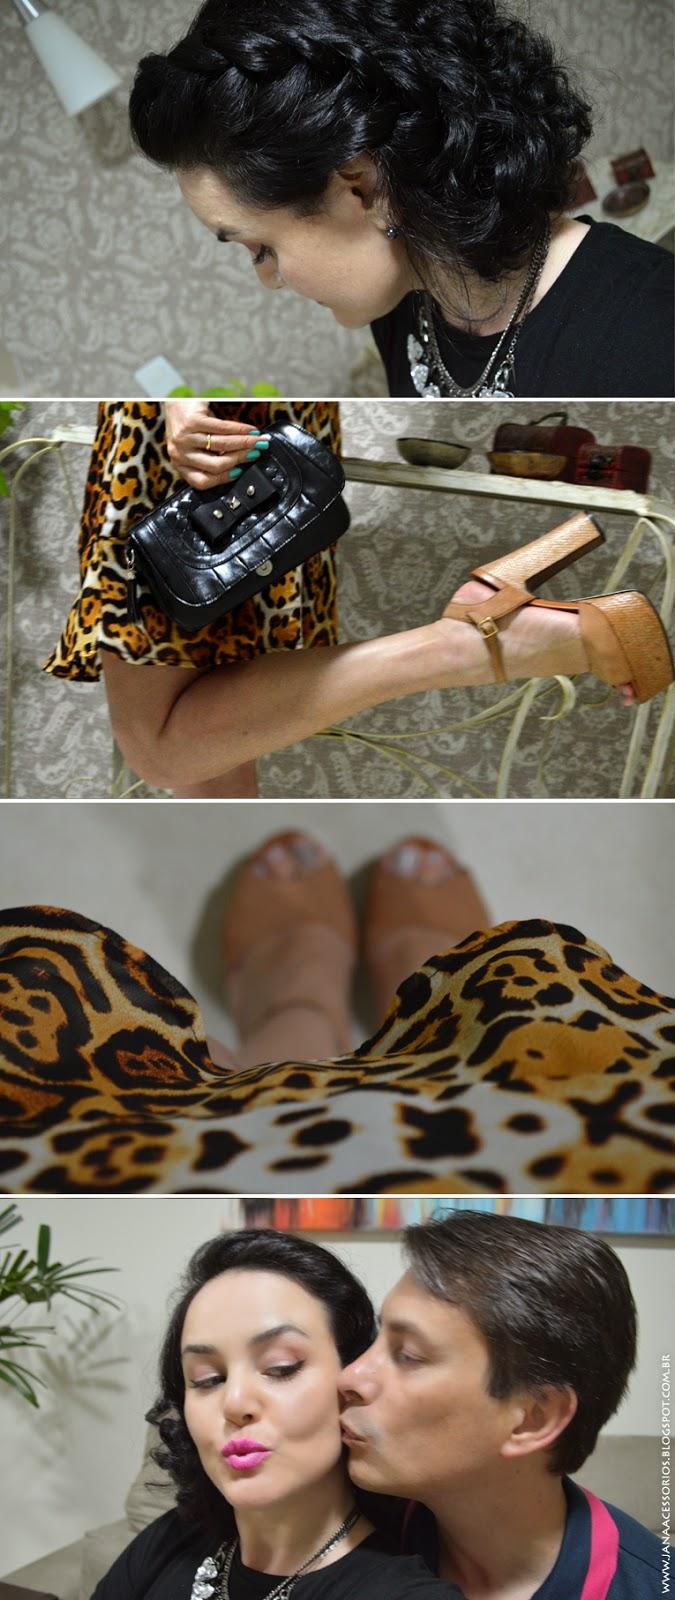 blog de acessórios, blogueira, joinville, jana acessórios, oncinha, look, mix de colaresblogger, on